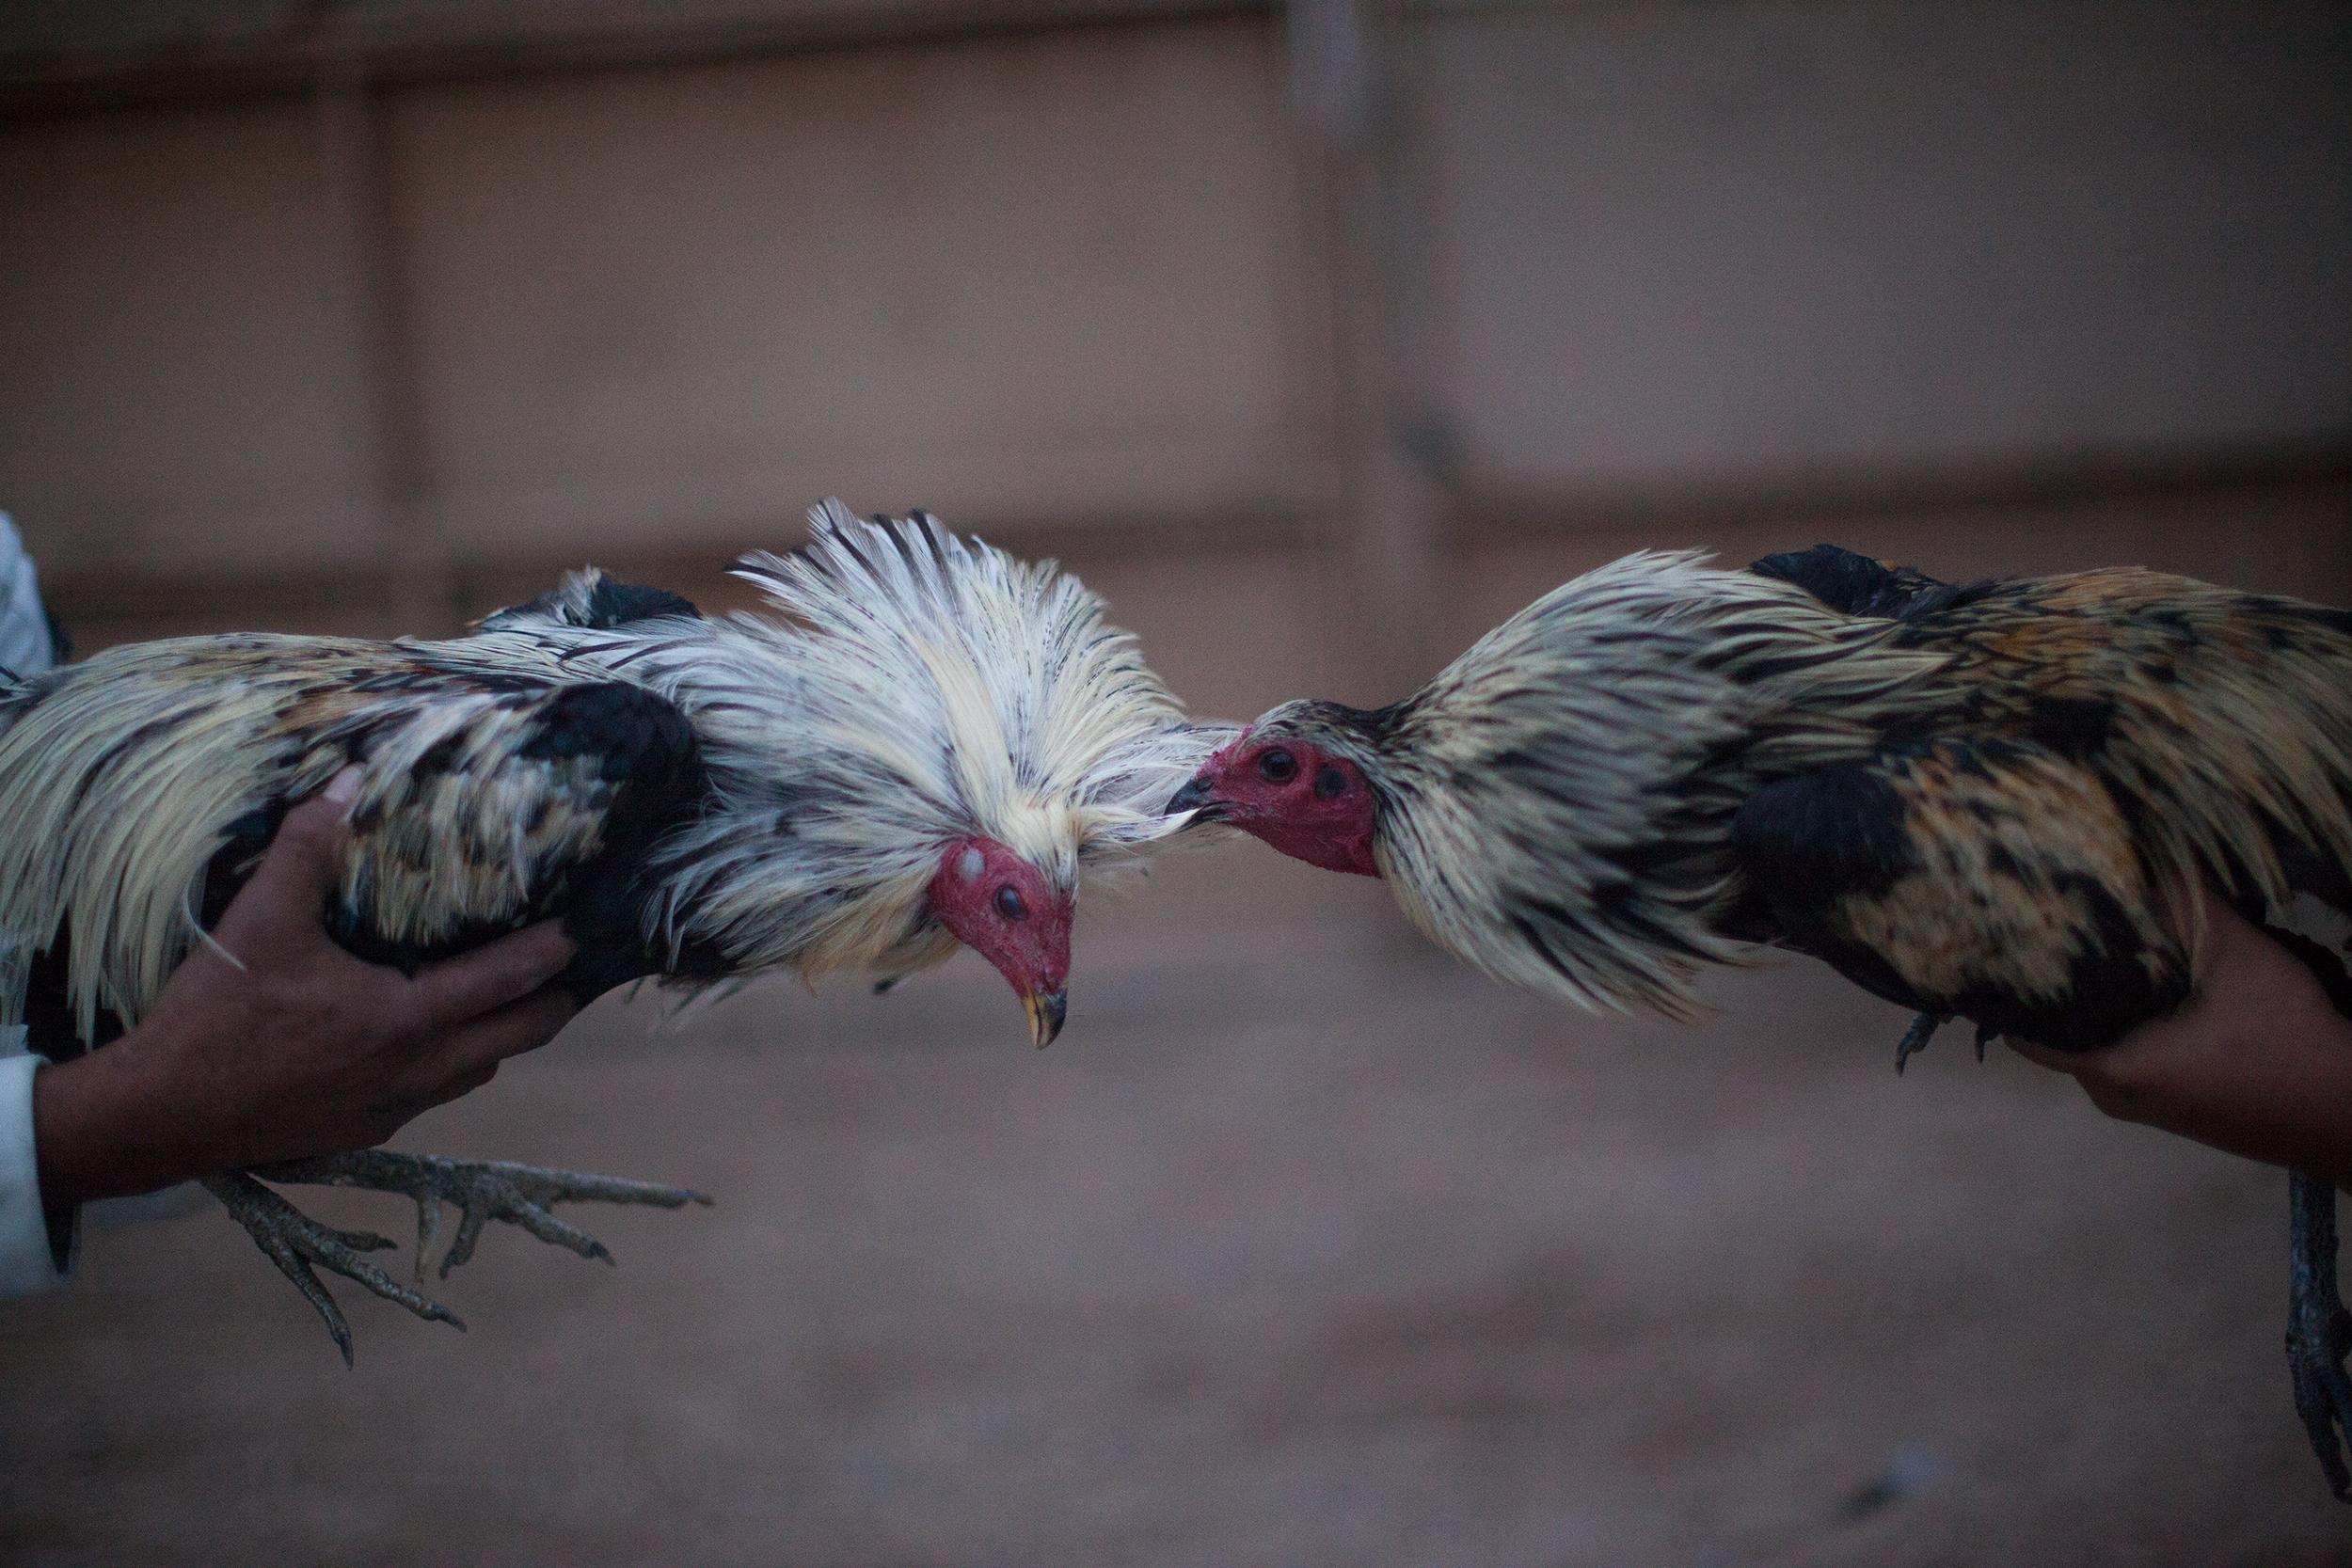 Pelea de gallos en Juárez. Foto: Alejandro Saldívar